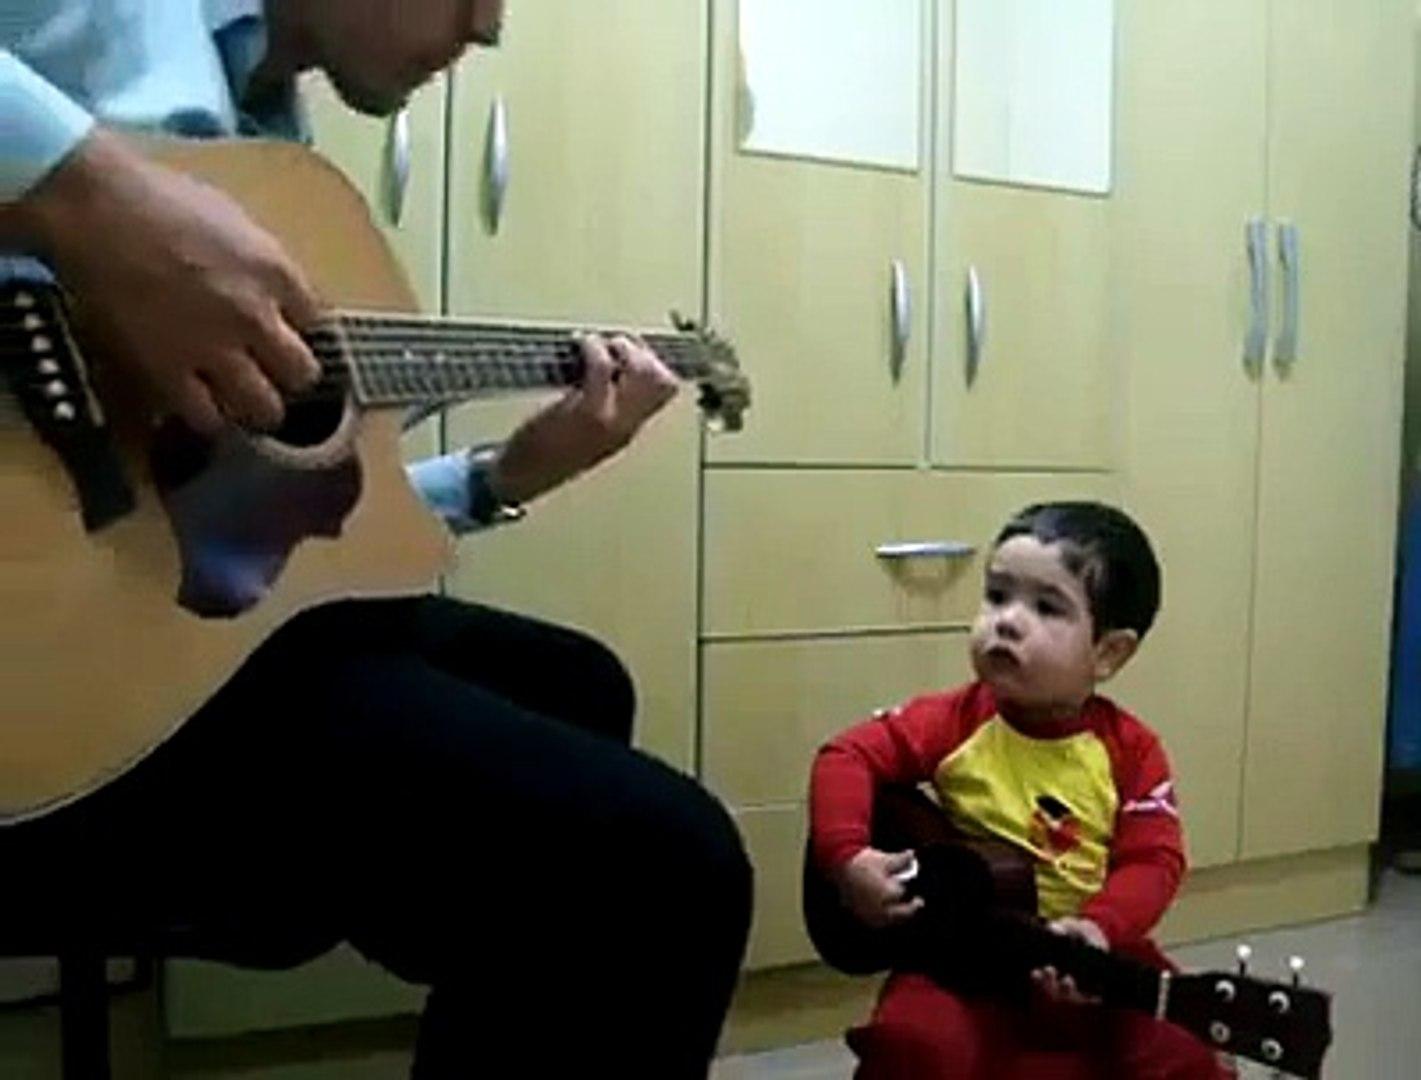 Amazing ! Kids playing guitar